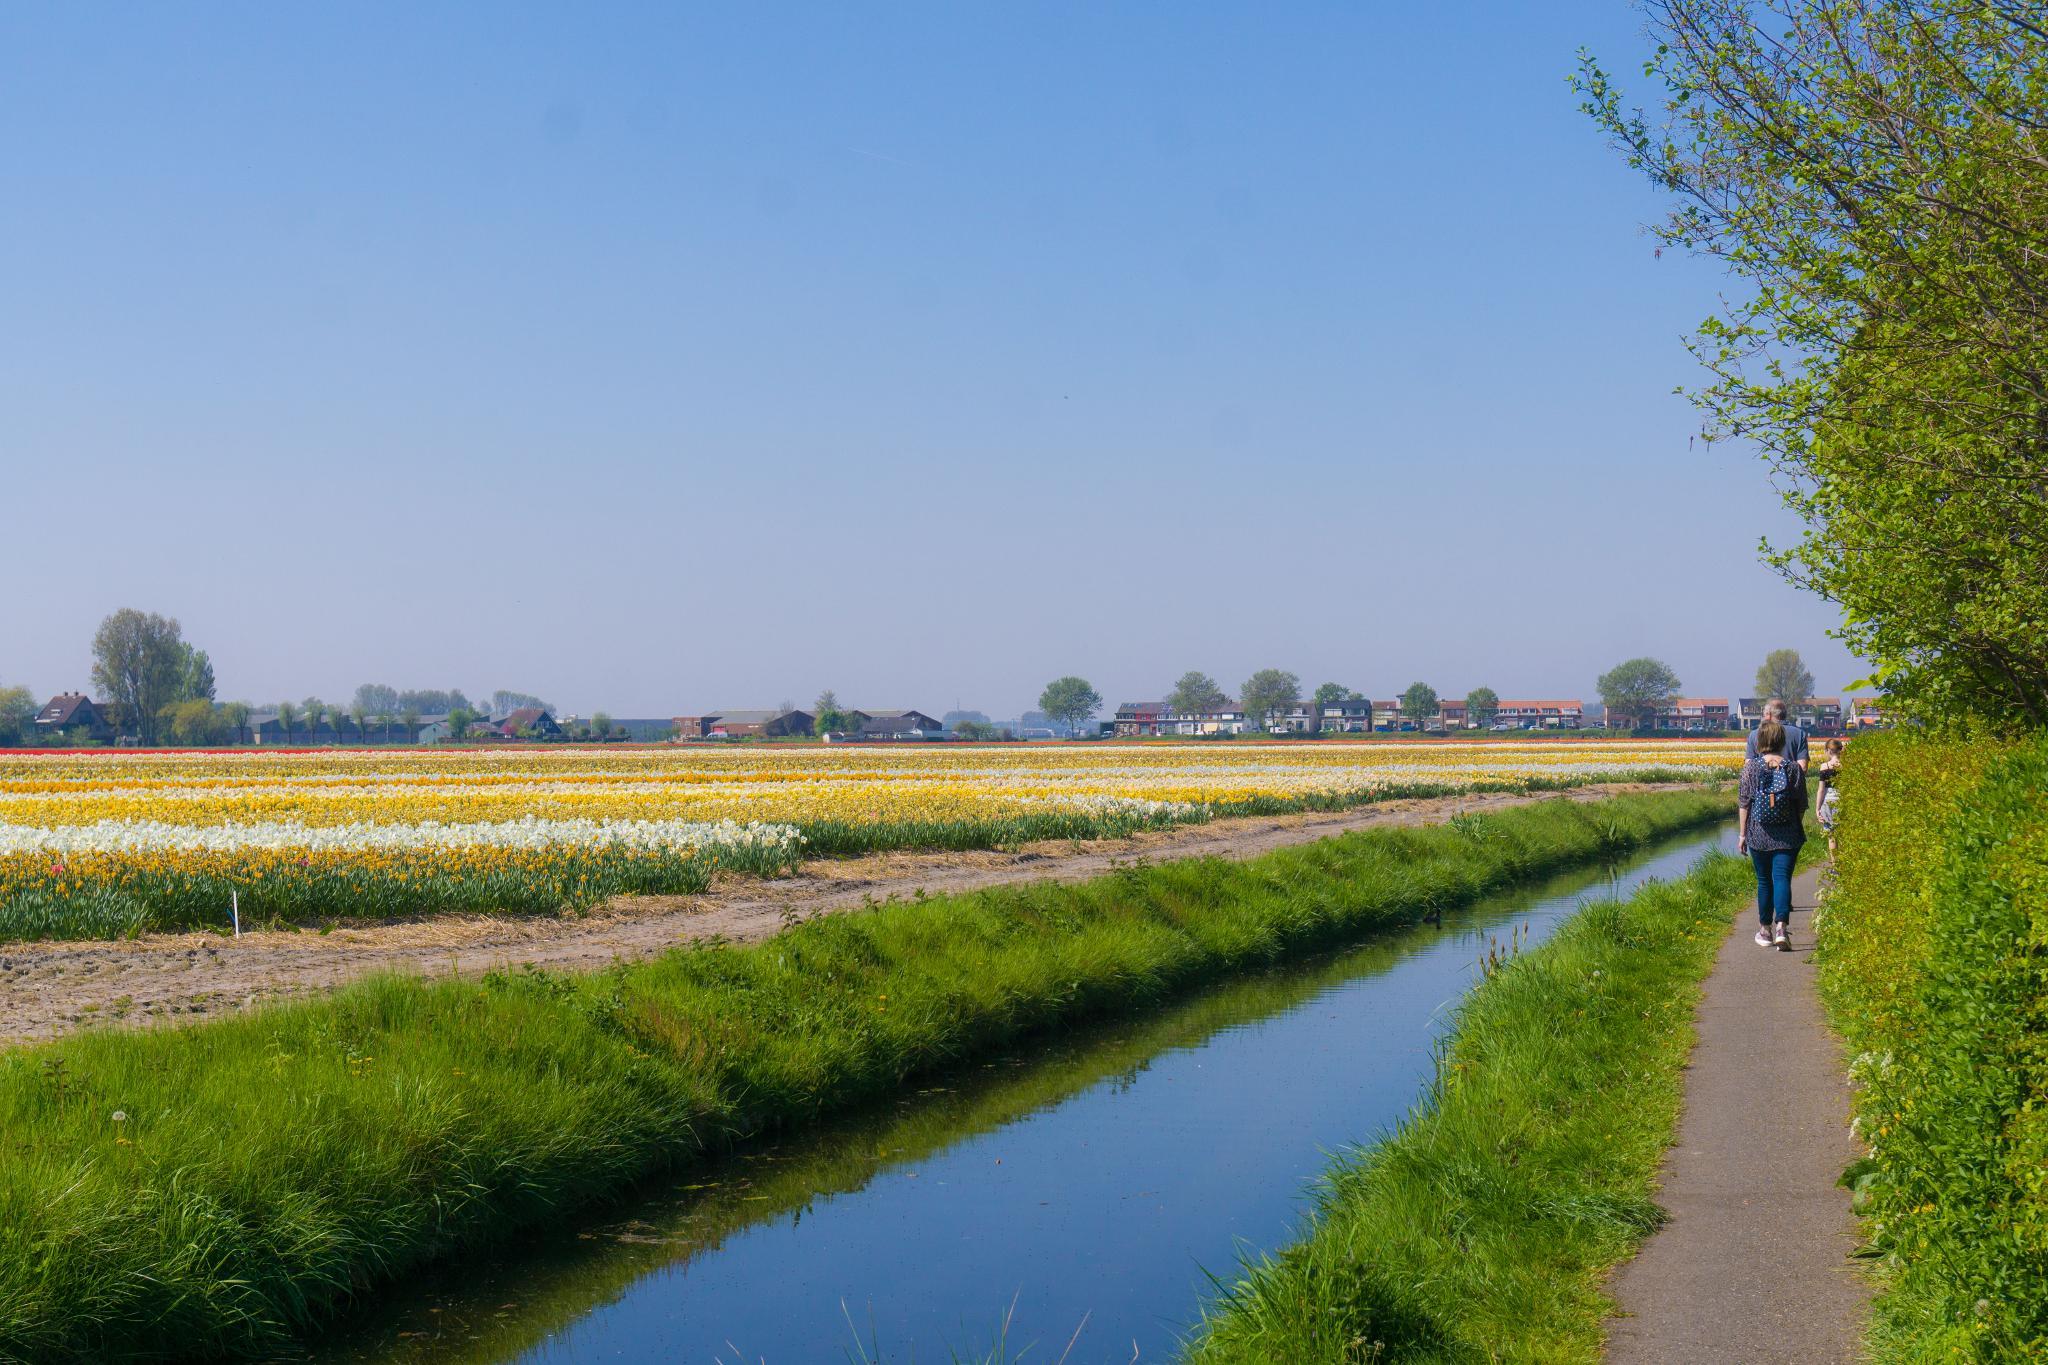 【荷蘭印象】花田嬉事:荷蘭單車花之路 17